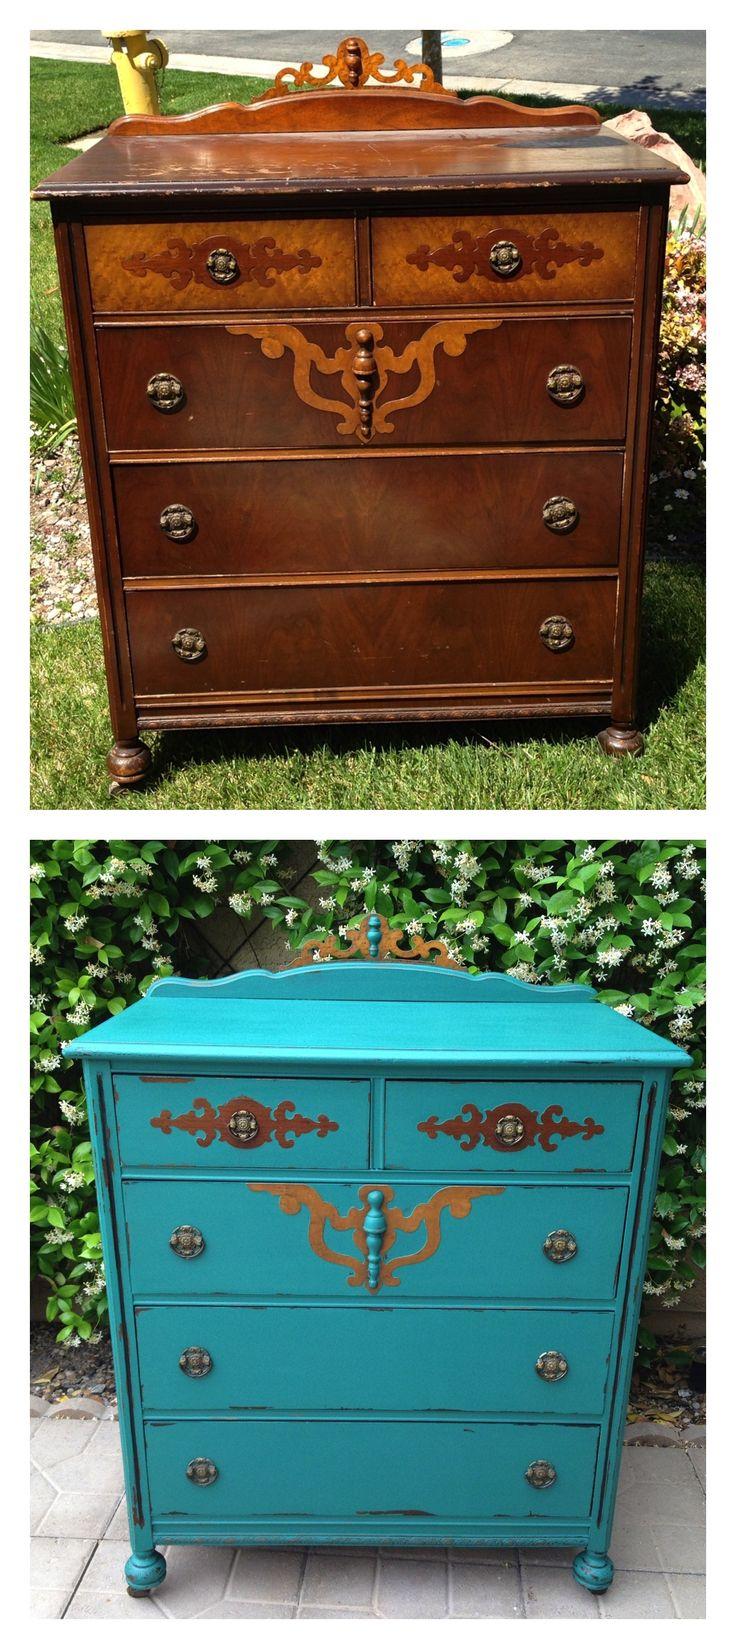 www.facebook.com/vintagekeyantiques Vintage, shabby, refinished, painted, before and after, refurbished, furniture, DIY, make-over: